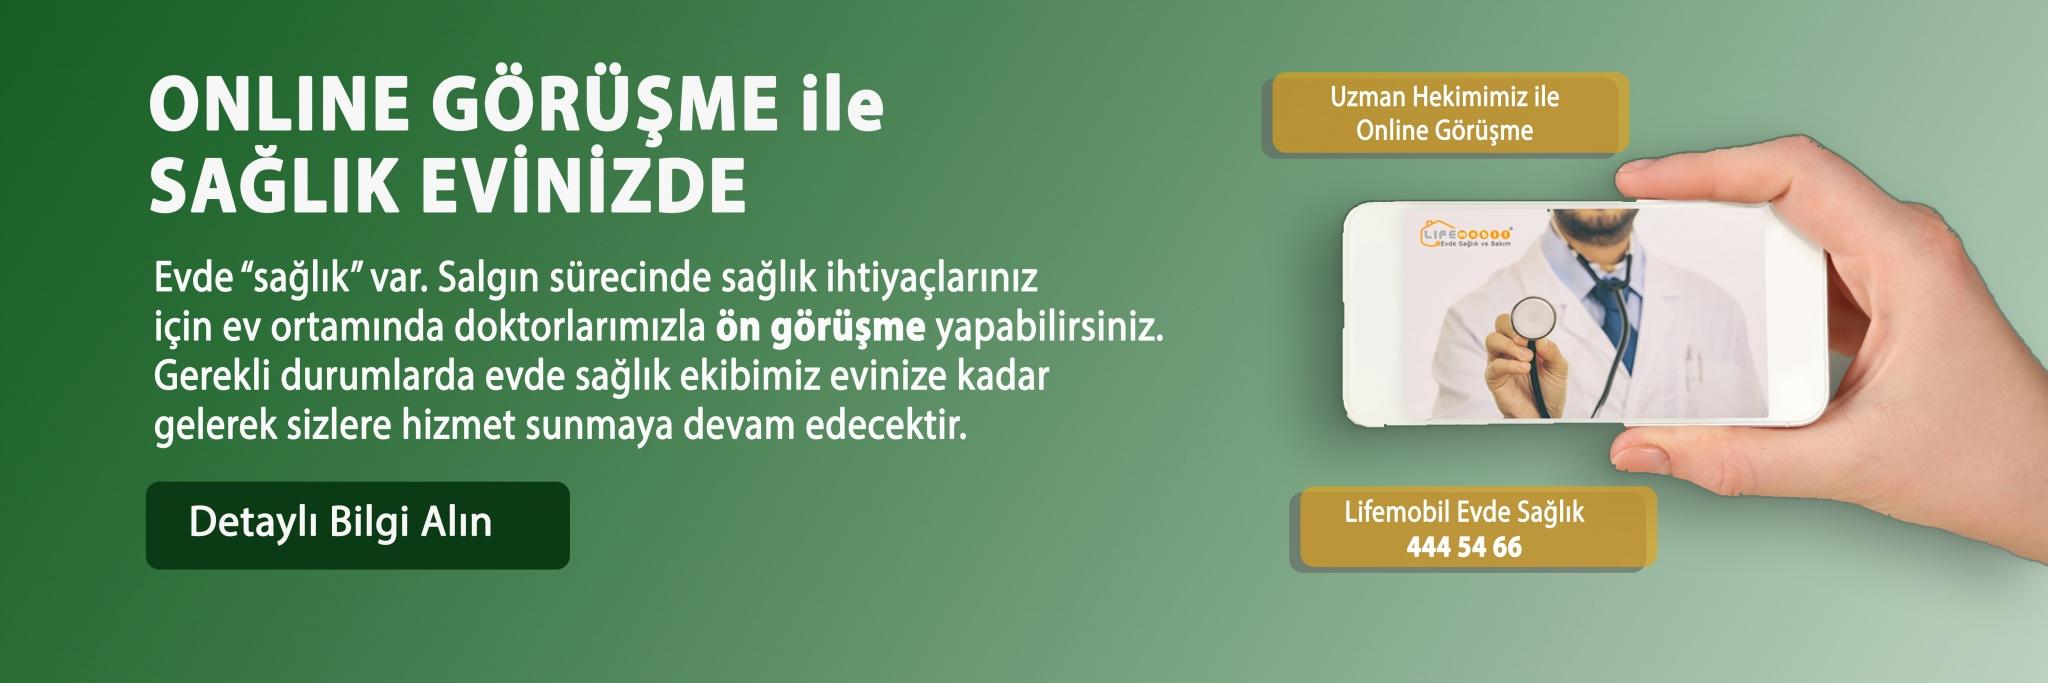 Online Görüşme Formu